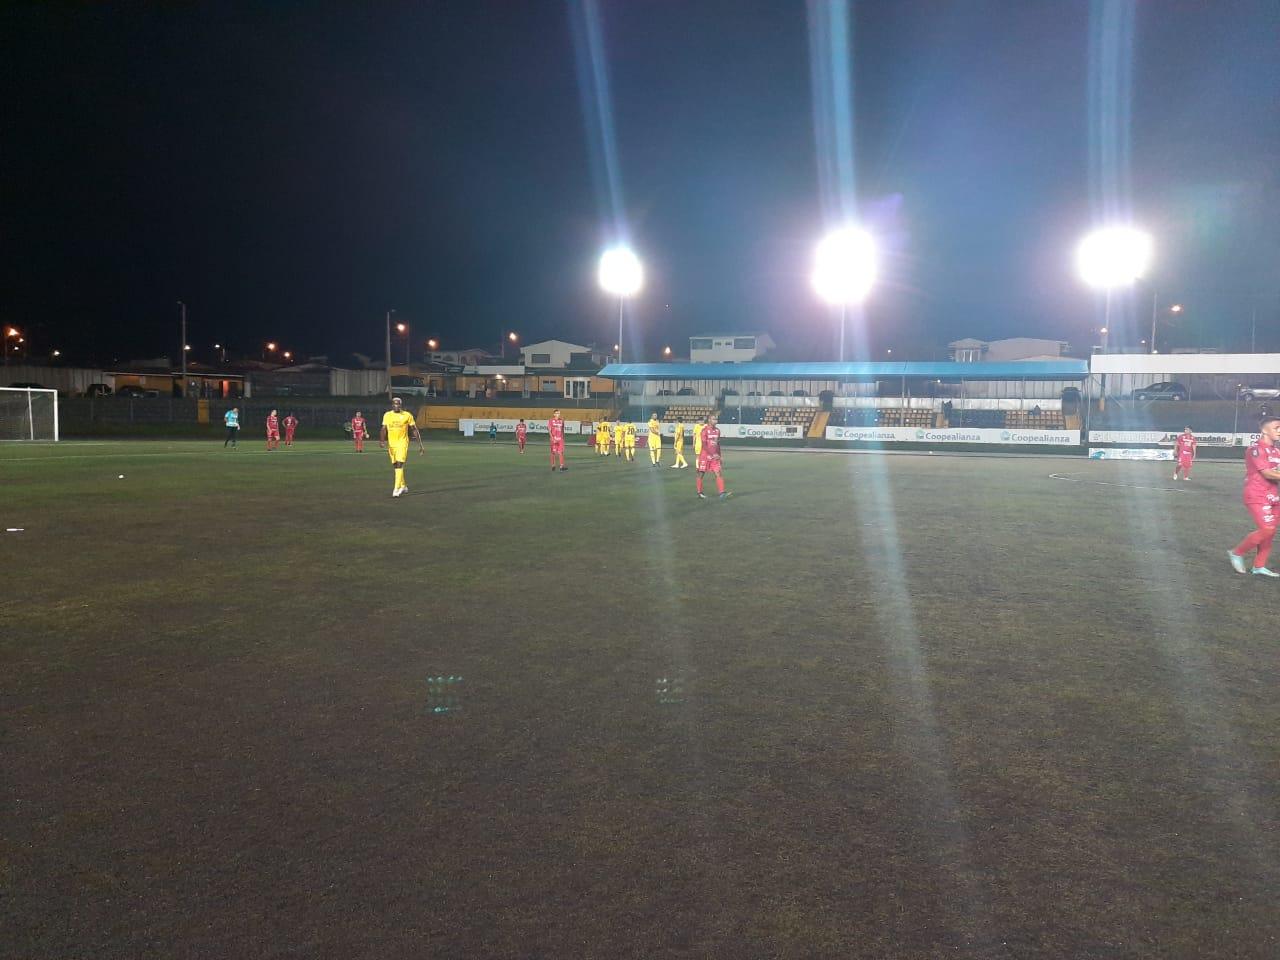 Puerto Golfito derrotó a Aserrí en partido adelantado de la jornada 1 de la Liga de Ascenso.